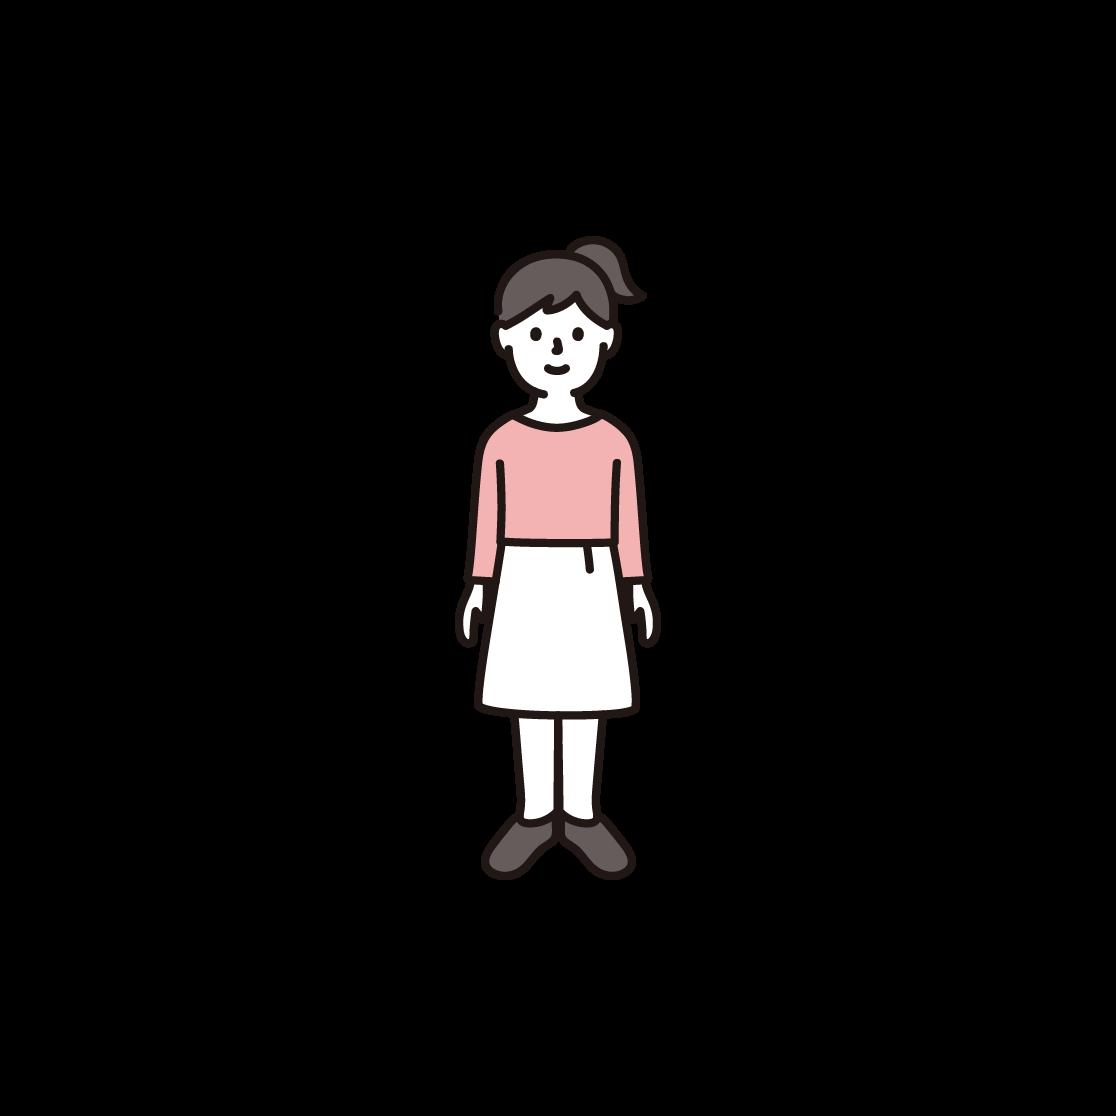 子ども(女の子)